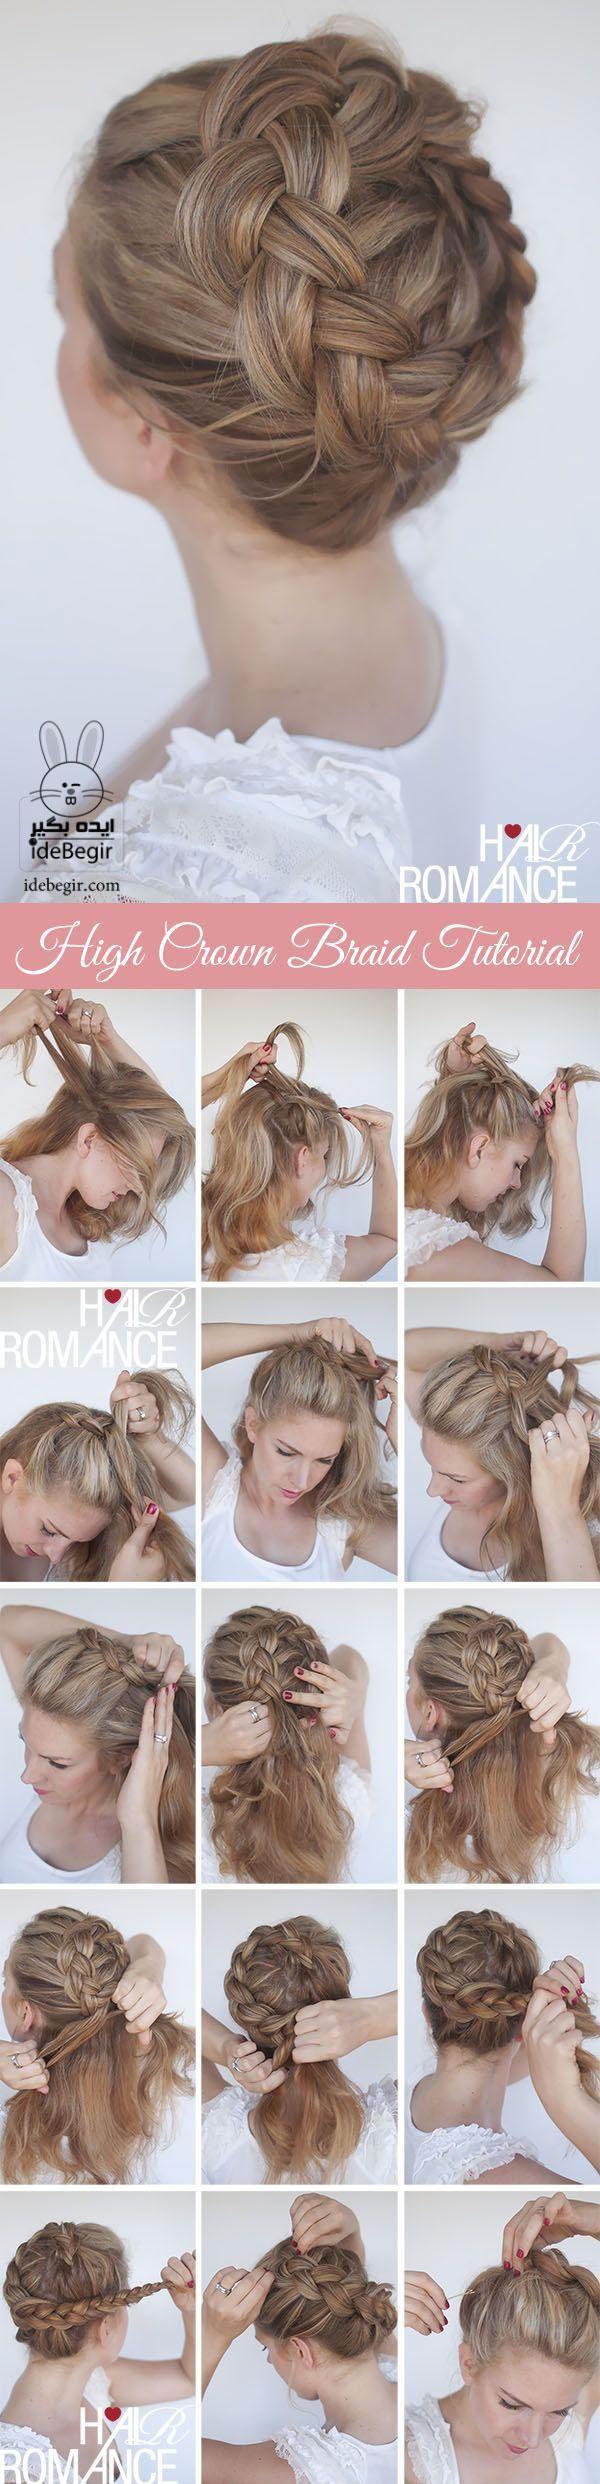 آموزش تصویری درست کردن مو (4)